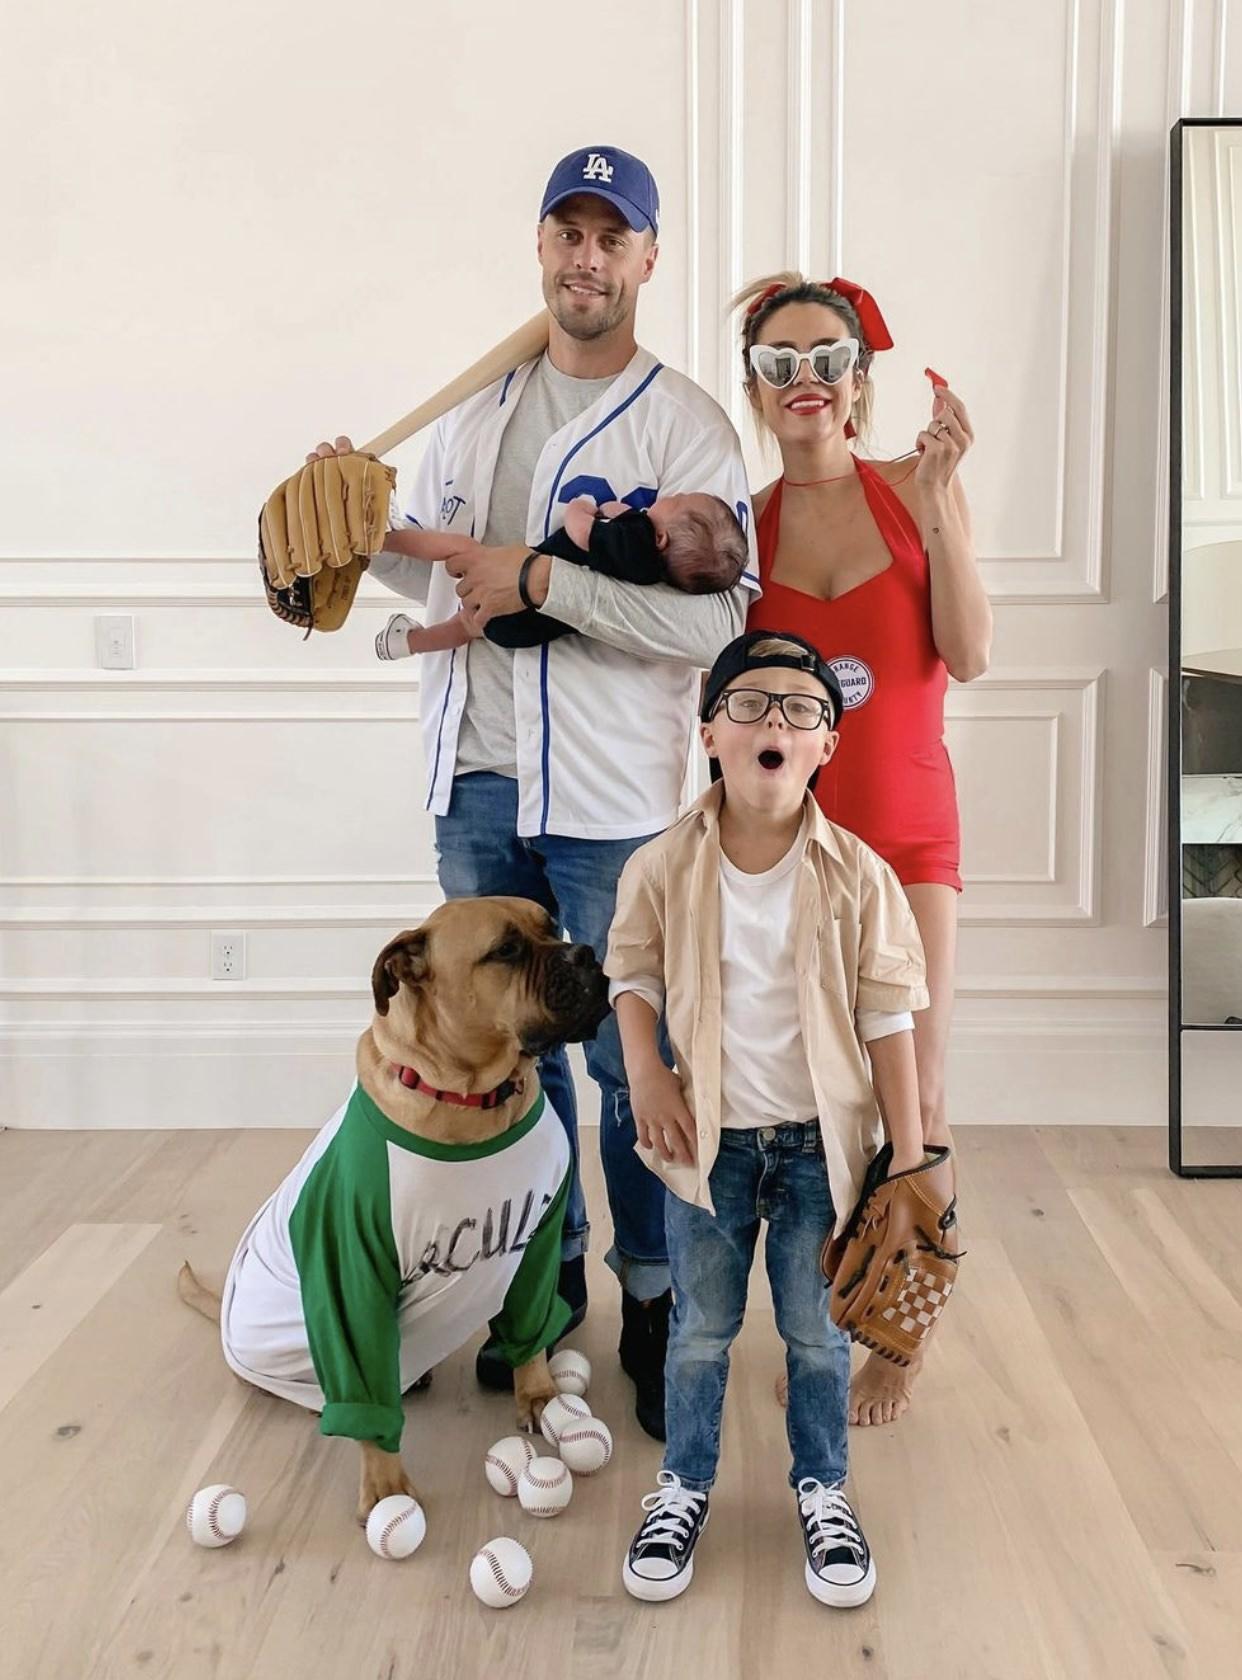 sandlot family costume